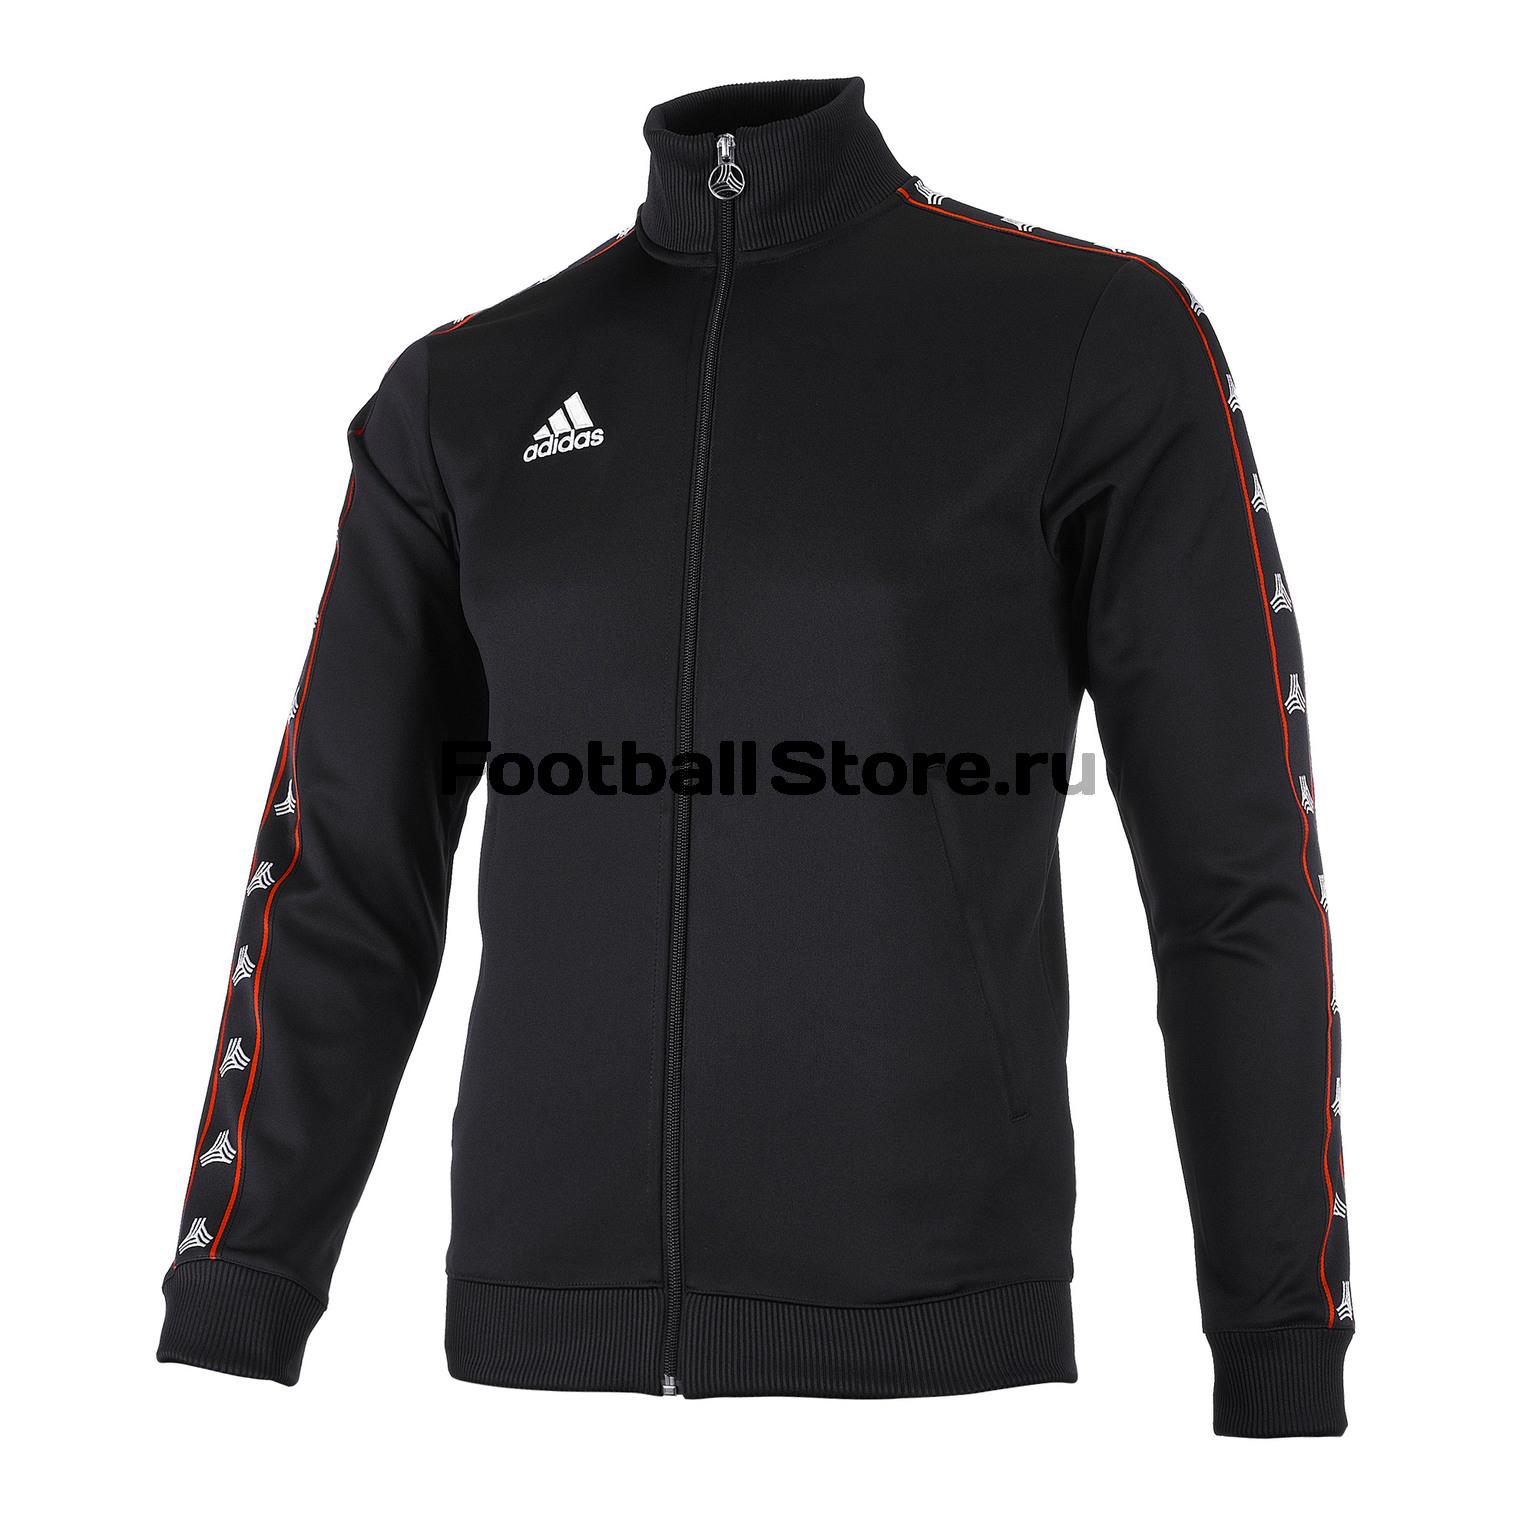 Олимпийка Adidas Tan Club Home DW9360 – купить в интернет магазине  footballstore, цена, фото d154fa3bb7f